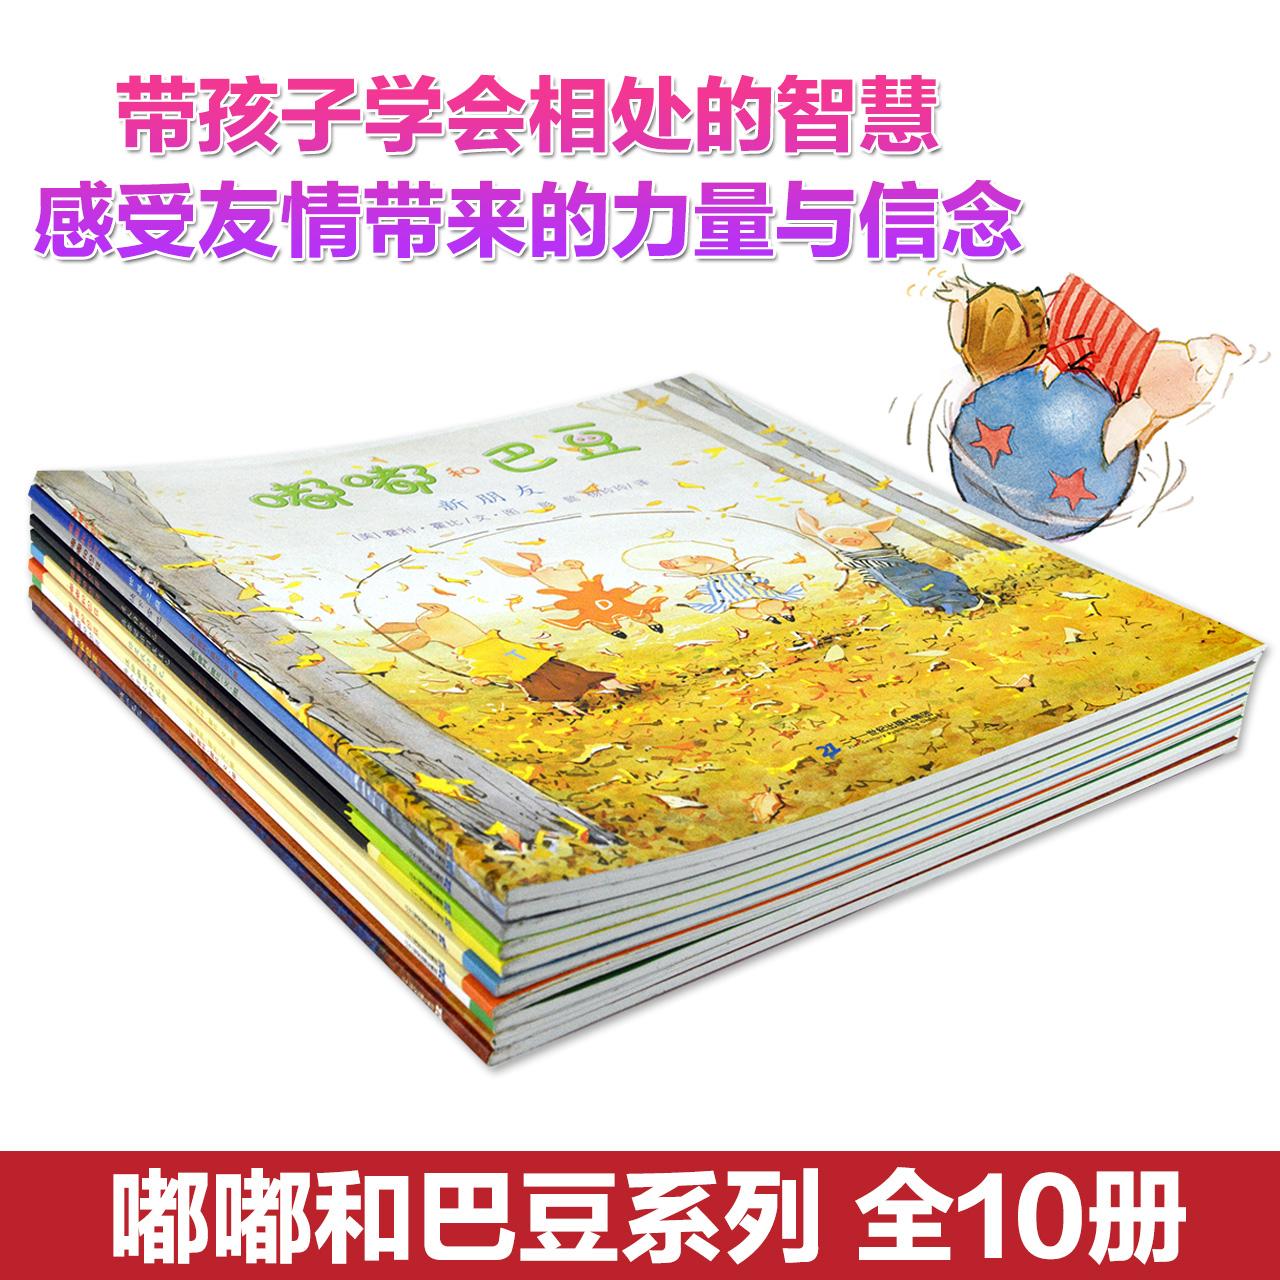 嘟嘟和巴豆系列全套10册礼盒装宝宝睡前故事书幼